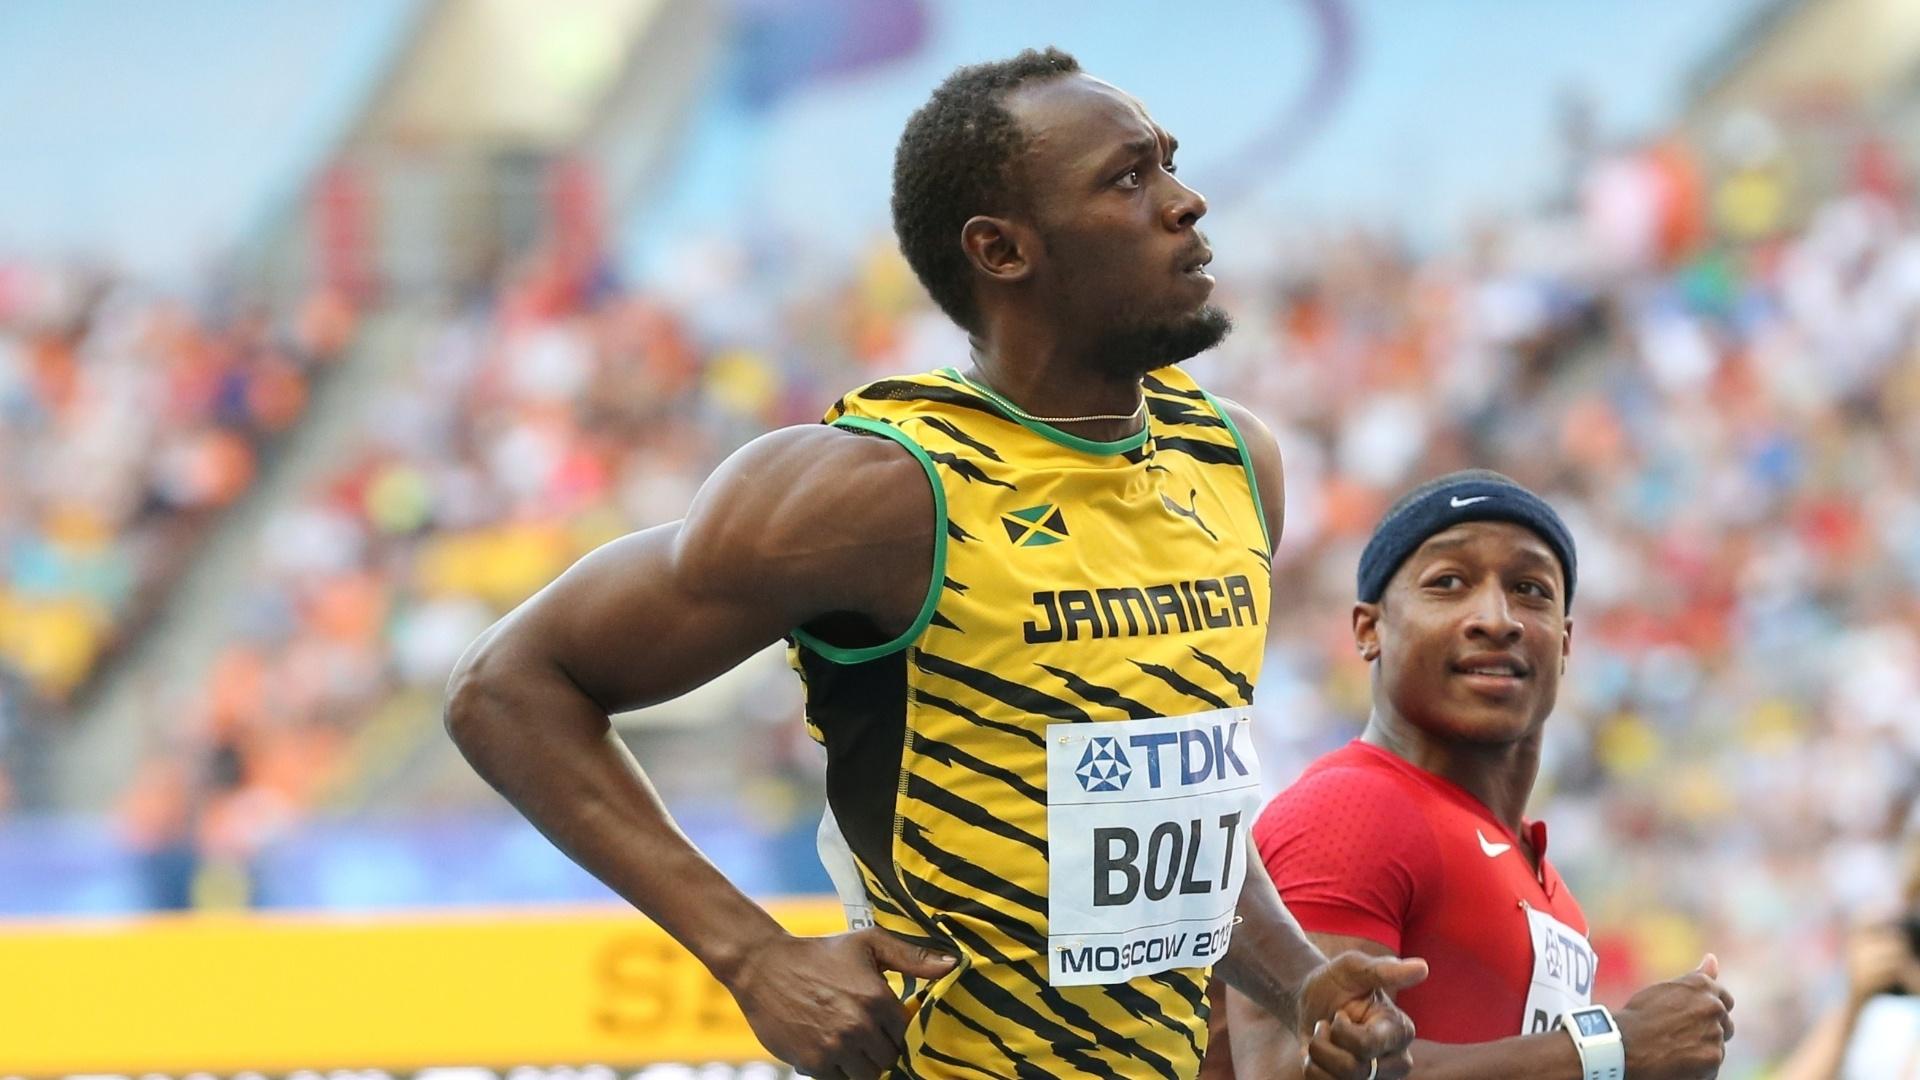 11.ago.2013 - Usain Bolt cruza a linha de chegada na semifinal dos 100m do Mundial de Moscou com a marca de 9s92